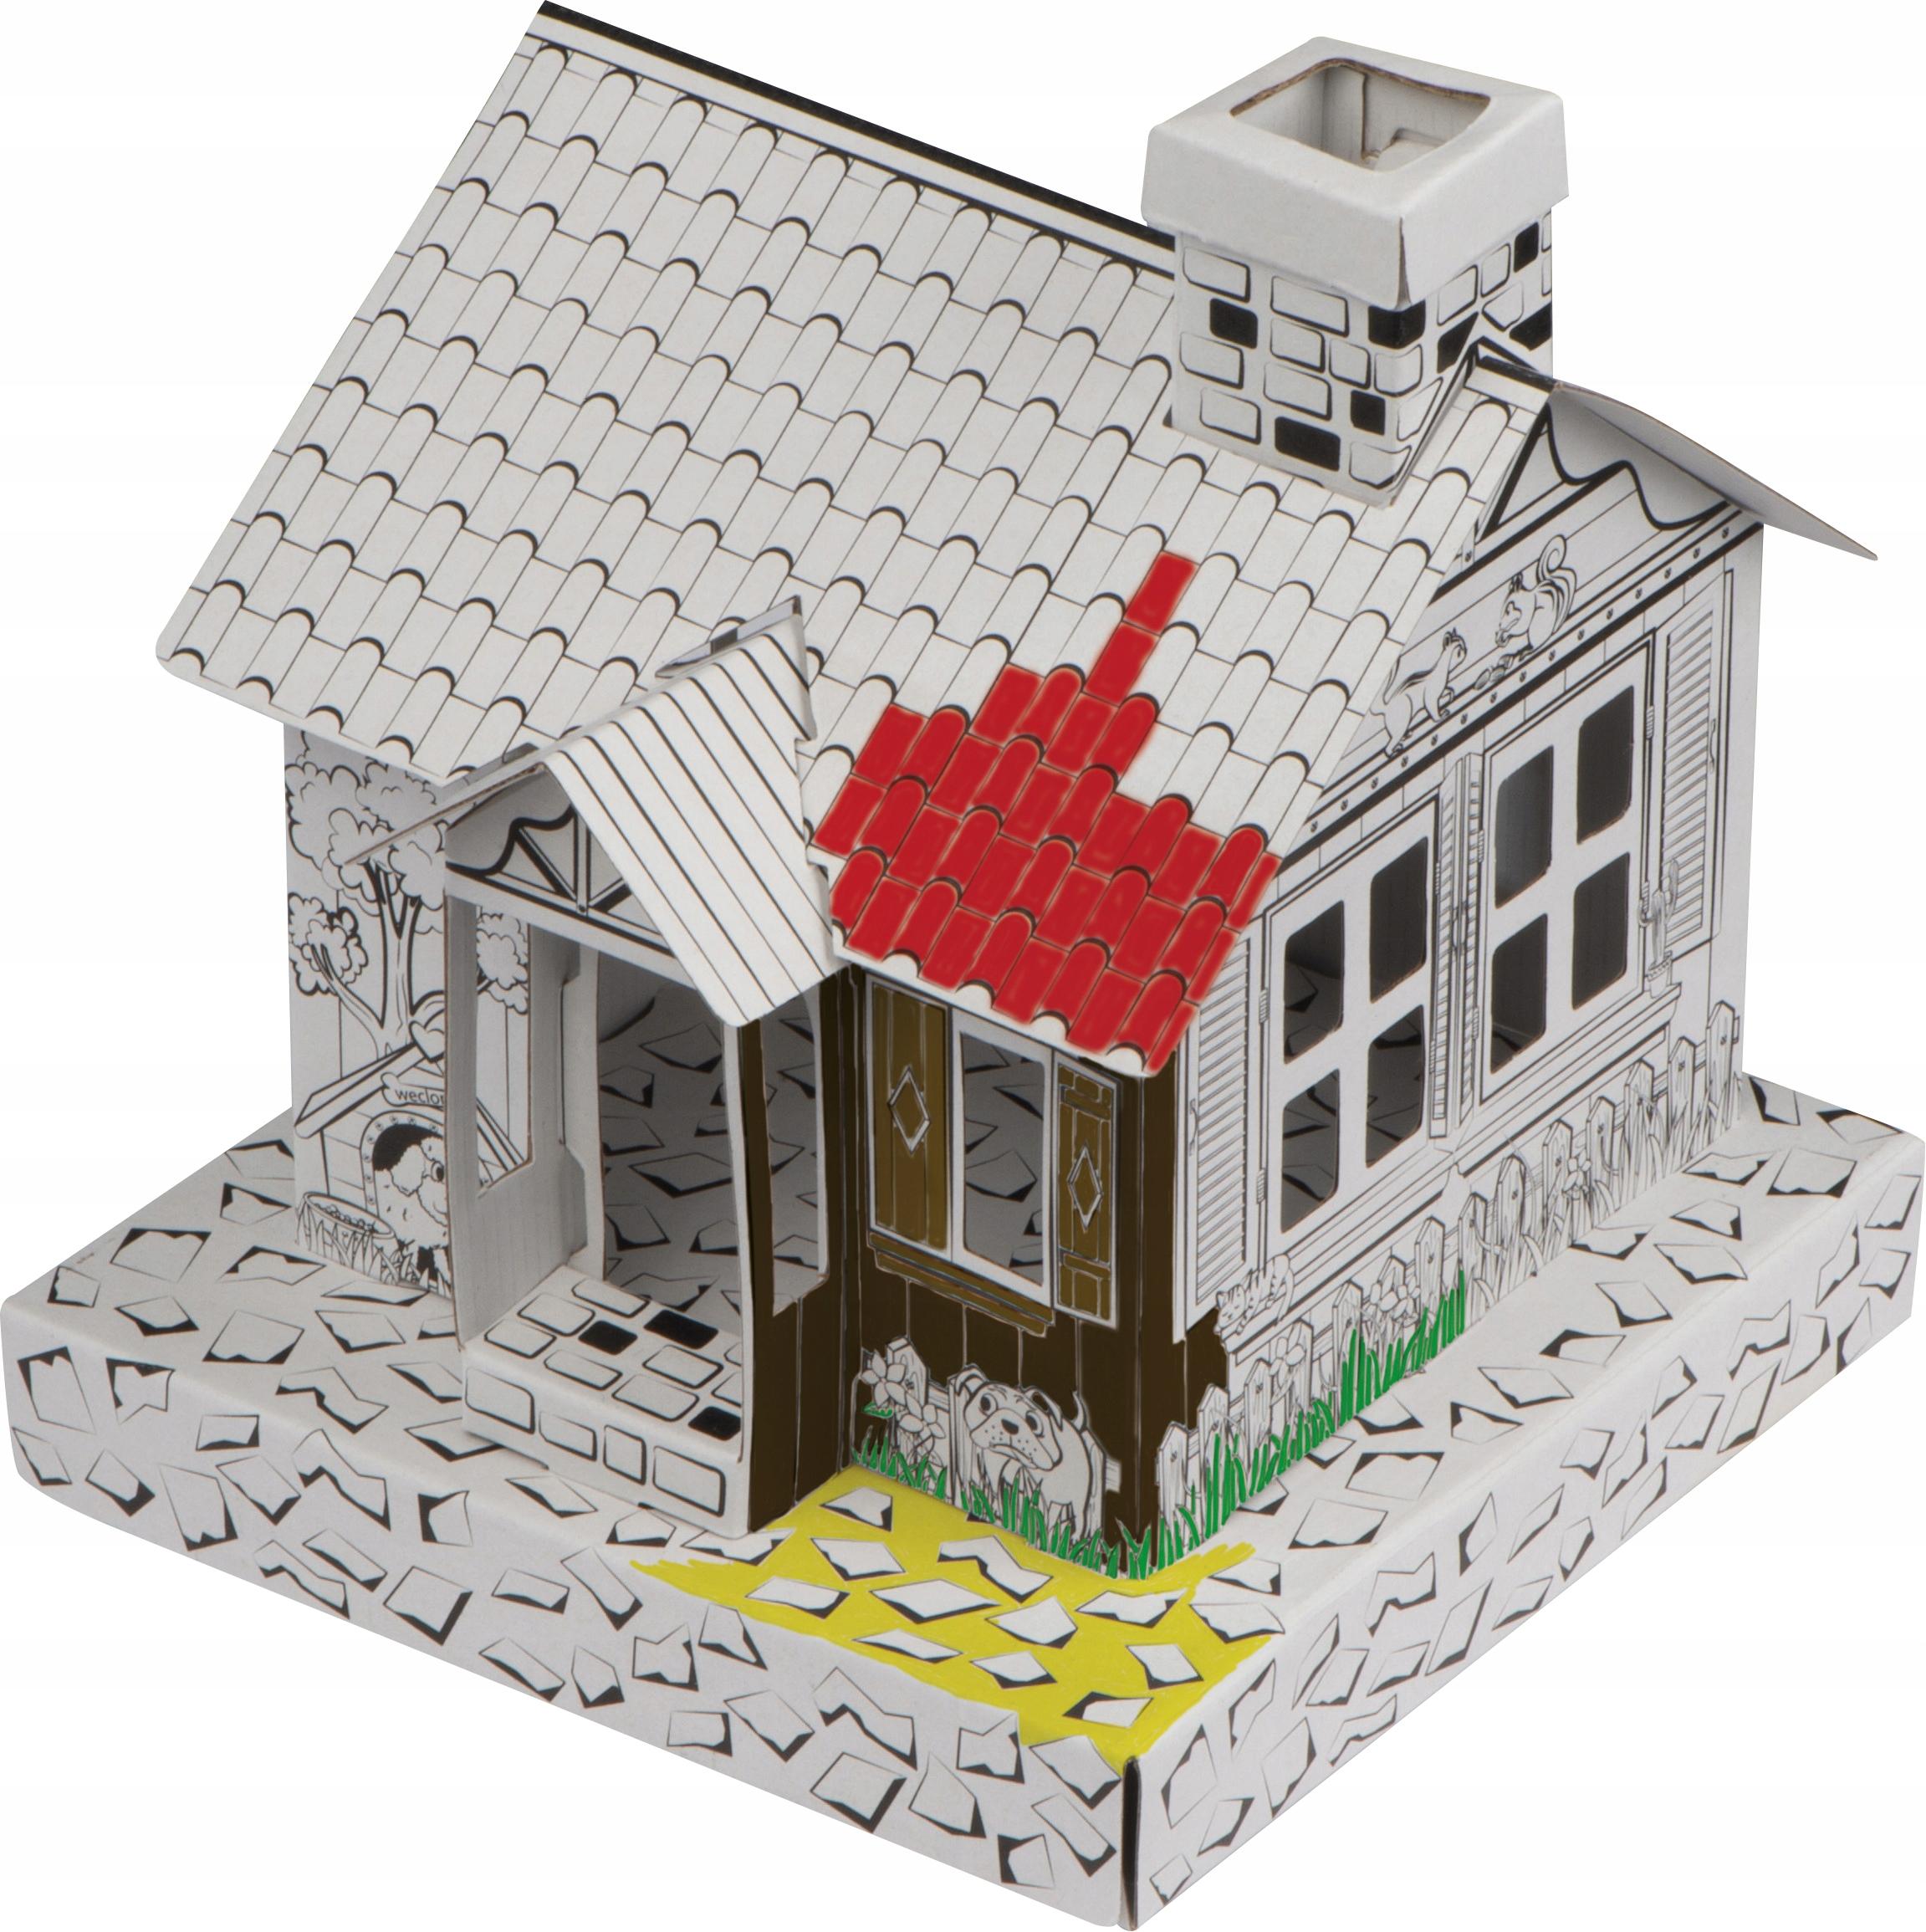 Kartonowy domek DO MALOWANIA składania kreatywny